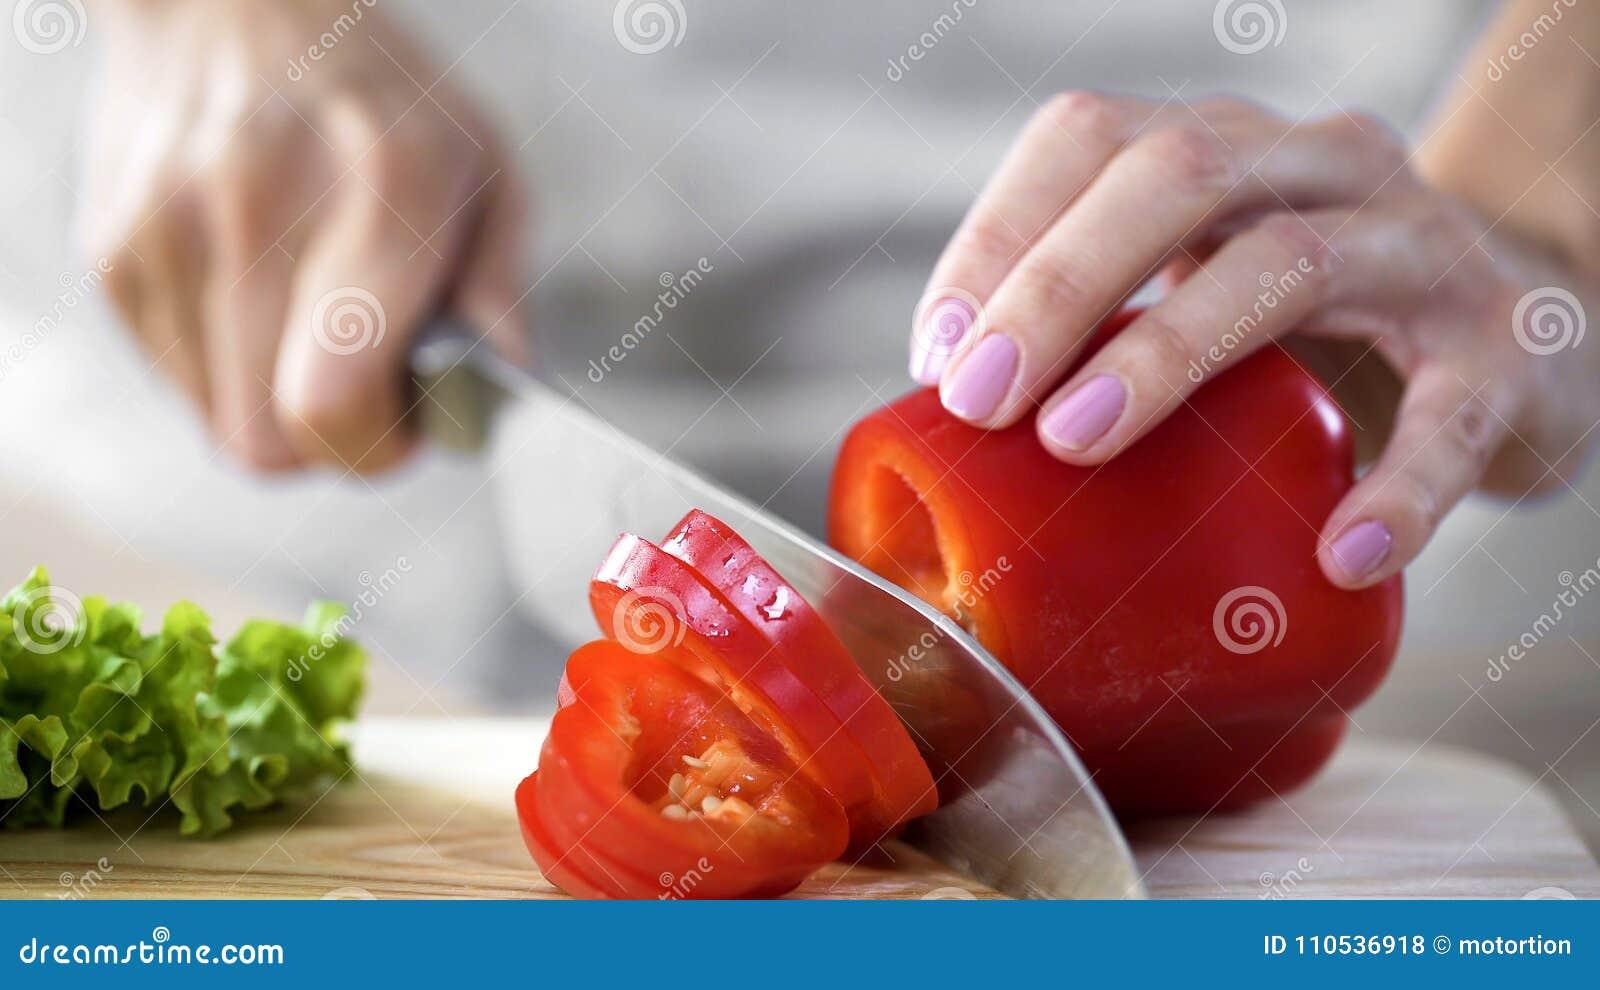 Τέμνον πιπέρι μητέρων για τη σαλάτα μεσημεριανού γεύματος στην κουζίνα στο σπίτι, υγειονομική περίθαλψη, χόμπι